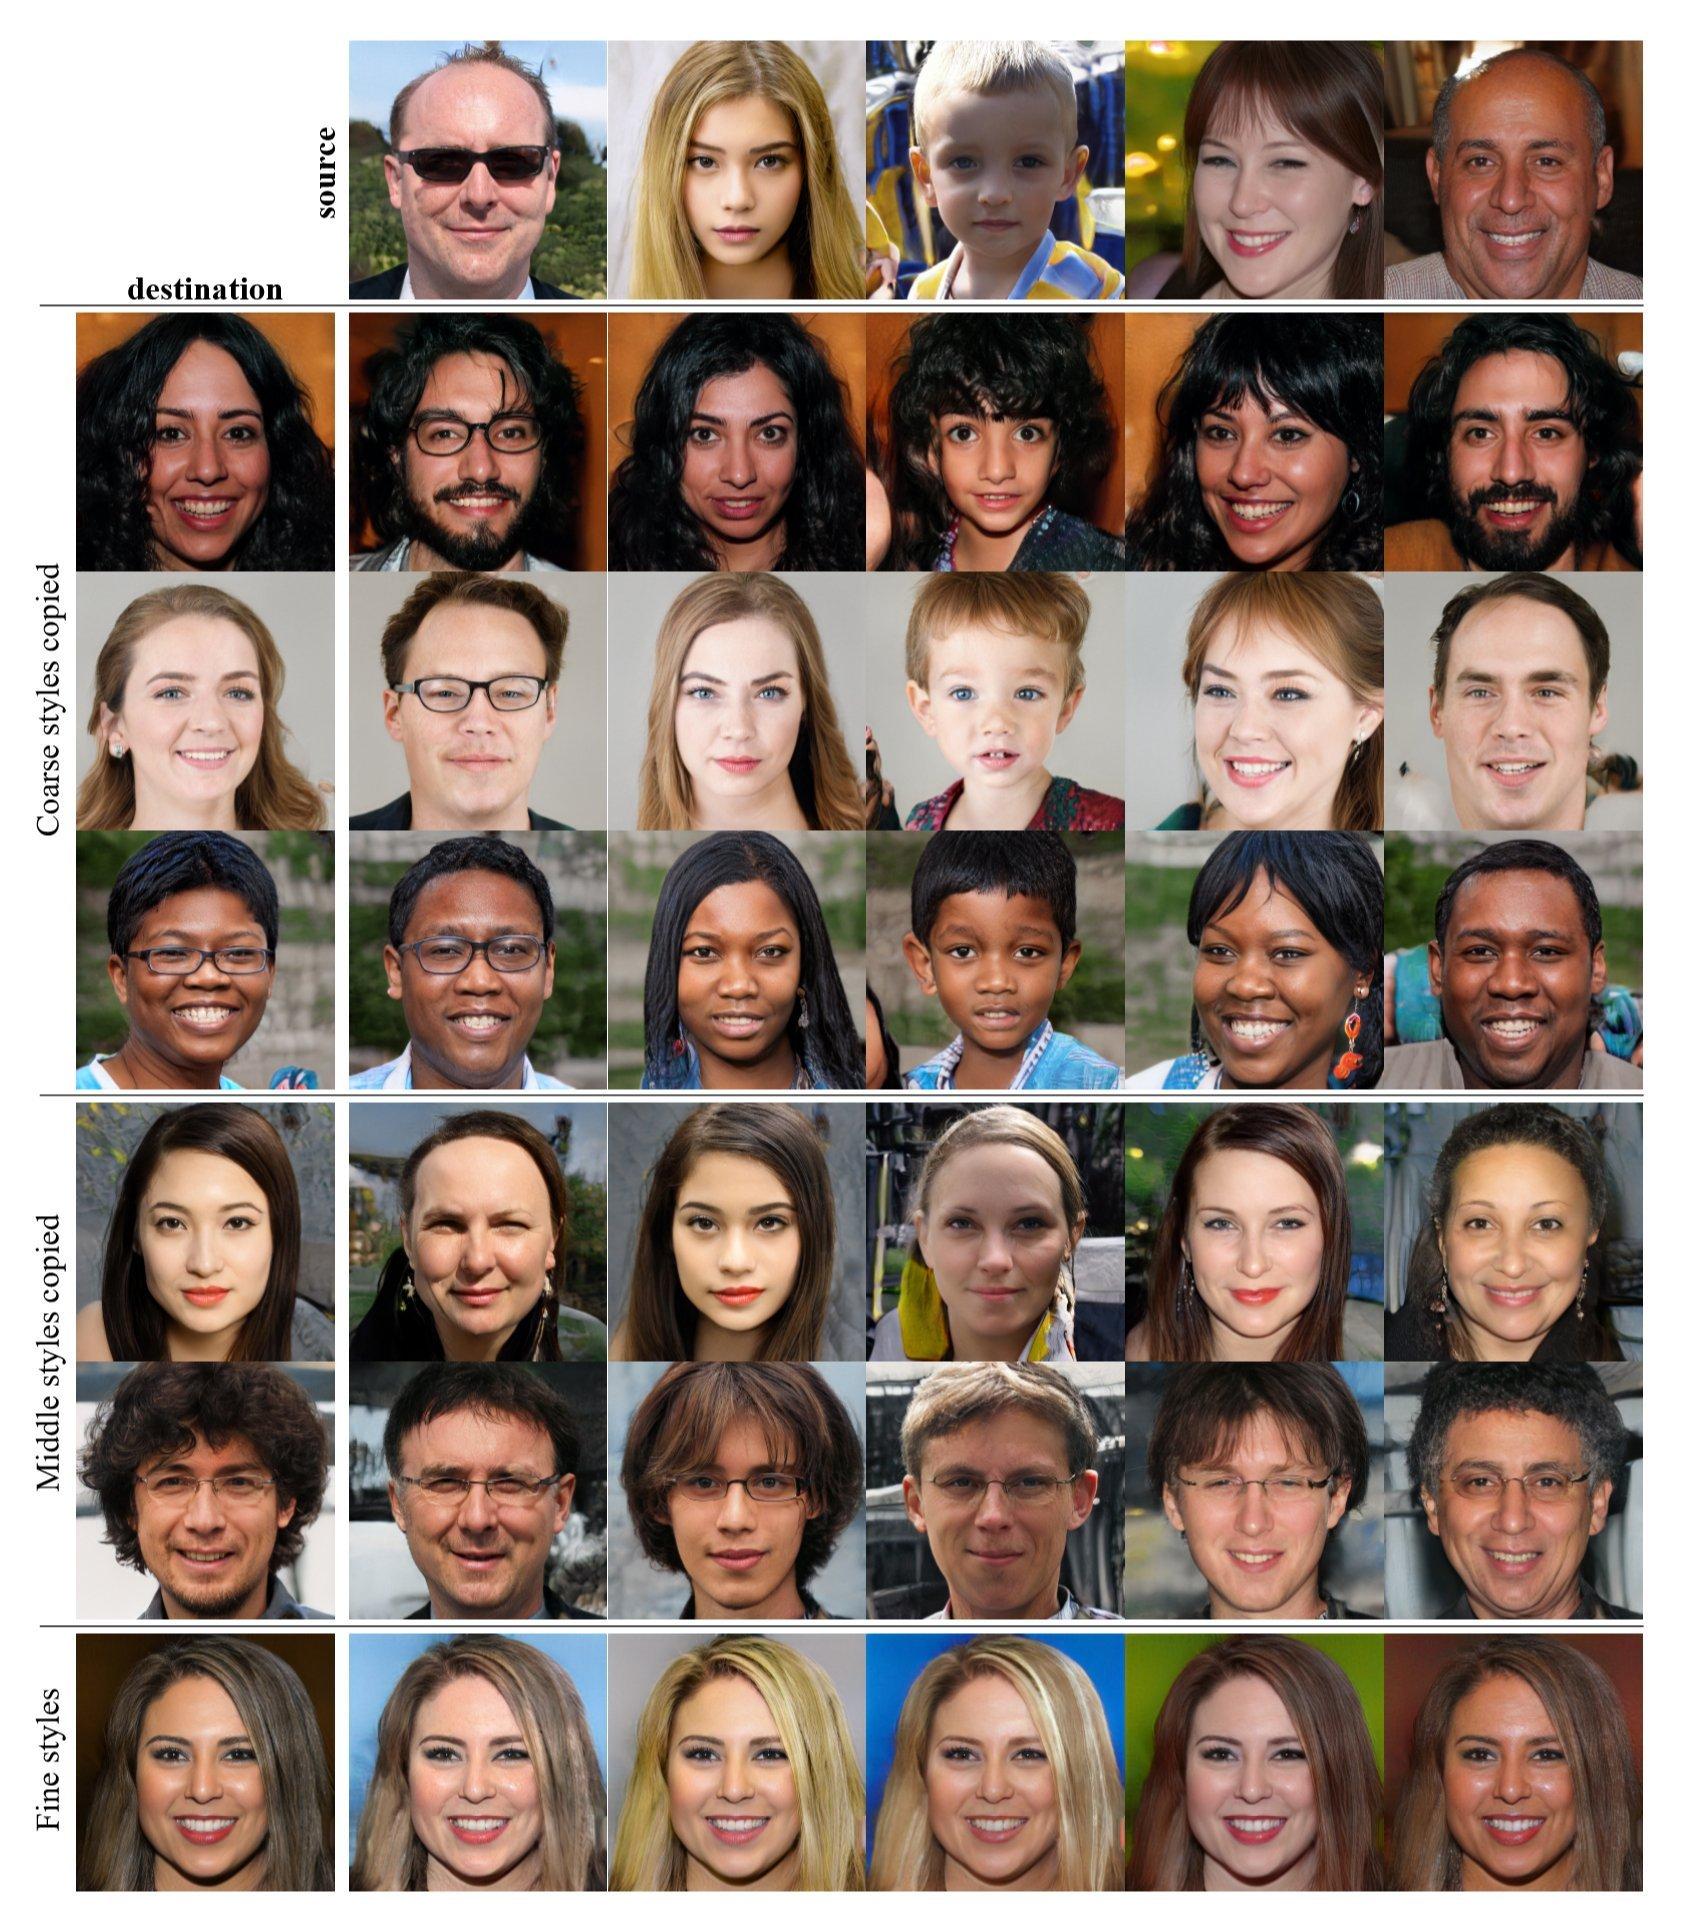 Model Nvidia budował mieszał cechy osób ze zdjęć z górnego i z lewego rzędu